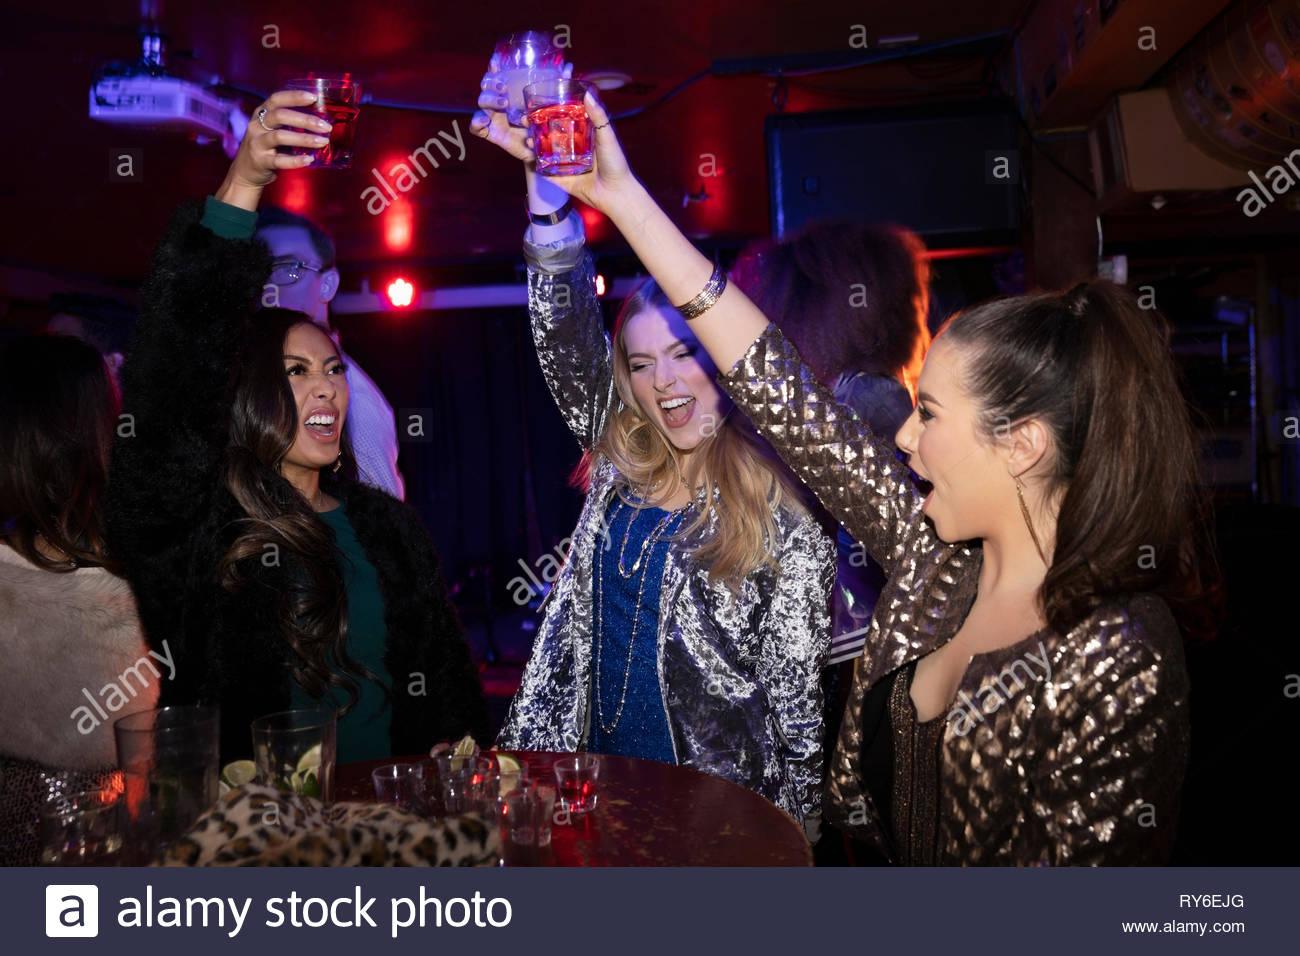 Ausgelassene junge Frauen Freunde toasten Cocktails in Nachtclub Stockbild